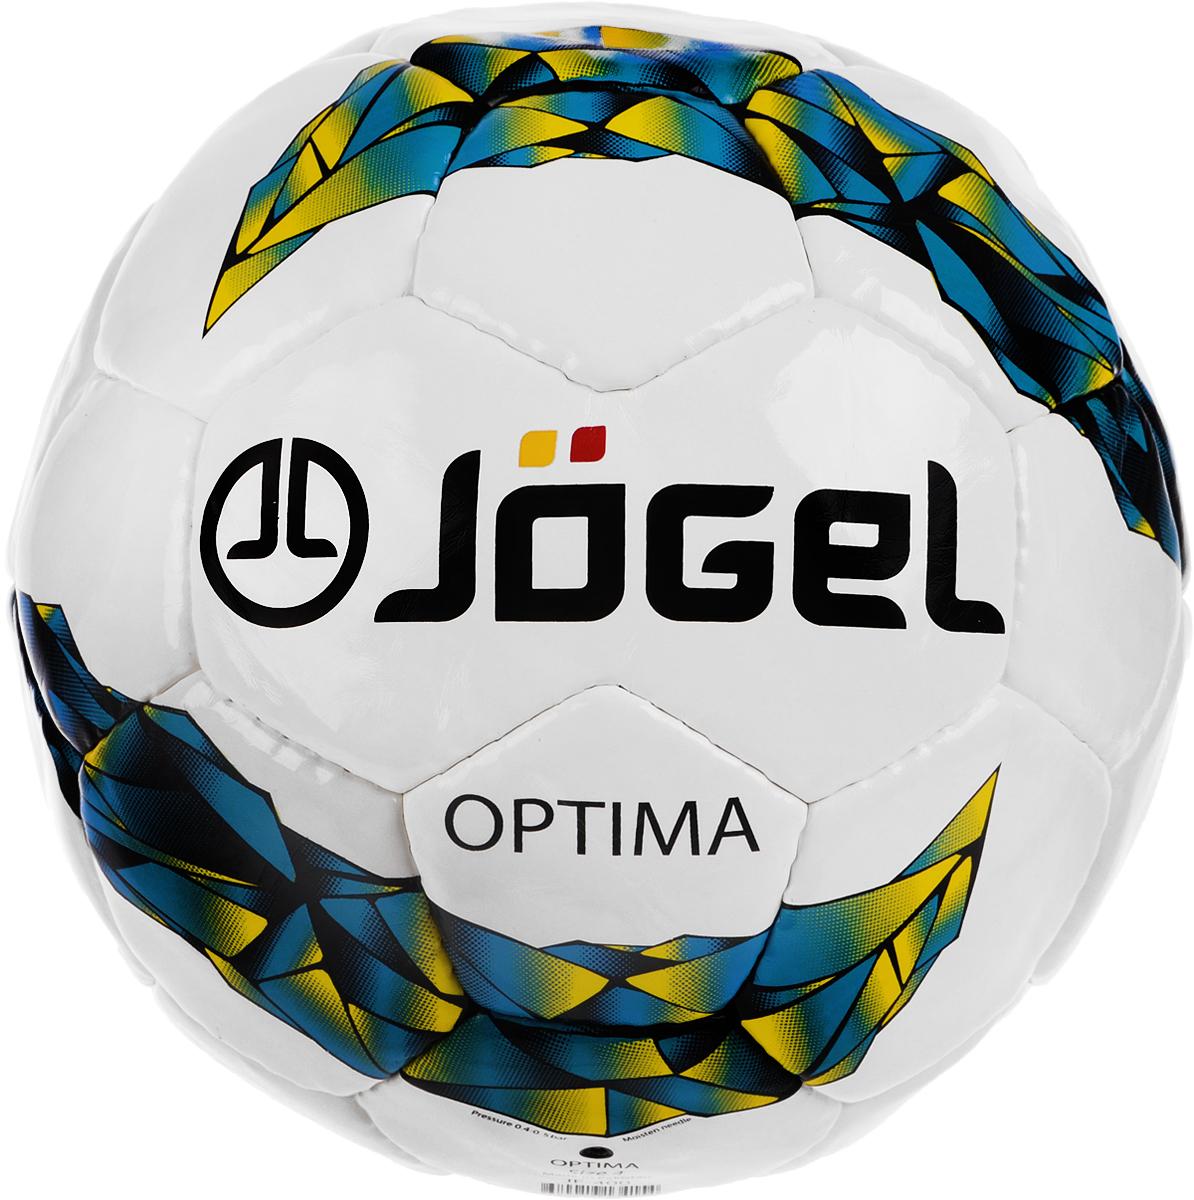 Мяч футзальный Jogel Optima, цвет: белый, лазурный, желтый. Размер 4. JF-400УТ-00009479Jogel Optima, оправдывая свое название, является оптимальным тренировочным футзальным мячом ручной сшивки из. Его отличительной особенностью является достойное соотношение технических характеристик и доступной цены. Данный мяч рекомендован для тренировок и тренировочных игр клубных и любительских команд. Поверхность мяча выполнена из износостойкой синтетической кожи (полиуретан) толщиной 1 мм. Мяч имеет 4 подкладочных слоя на нетканой основе (смесь хлопка с полиэстером) и оснащен бутиловой камерой со специальным наполнителем, обеспечивающим рекомендованный FIFA низкий отскок.Уникальной особенностью является традиционная конструкция мяча из 30 панелей.Рекомендованные покрытия: паркет, уличные площадки с твердыми ровными поверхностями.Количество подкладочных слоев:4.Количество панелей:30.Вес:400-440 г.Длина окружности: 62-64 см.Рекомендованное давление: 0.6-0.8 бар.УВАЖЕМЫЕ КЛИЕНТЫ!Обращаем ваше внимание на тот факт, что мяч поставляется в сдутом виде. Насос в комплект не входит.